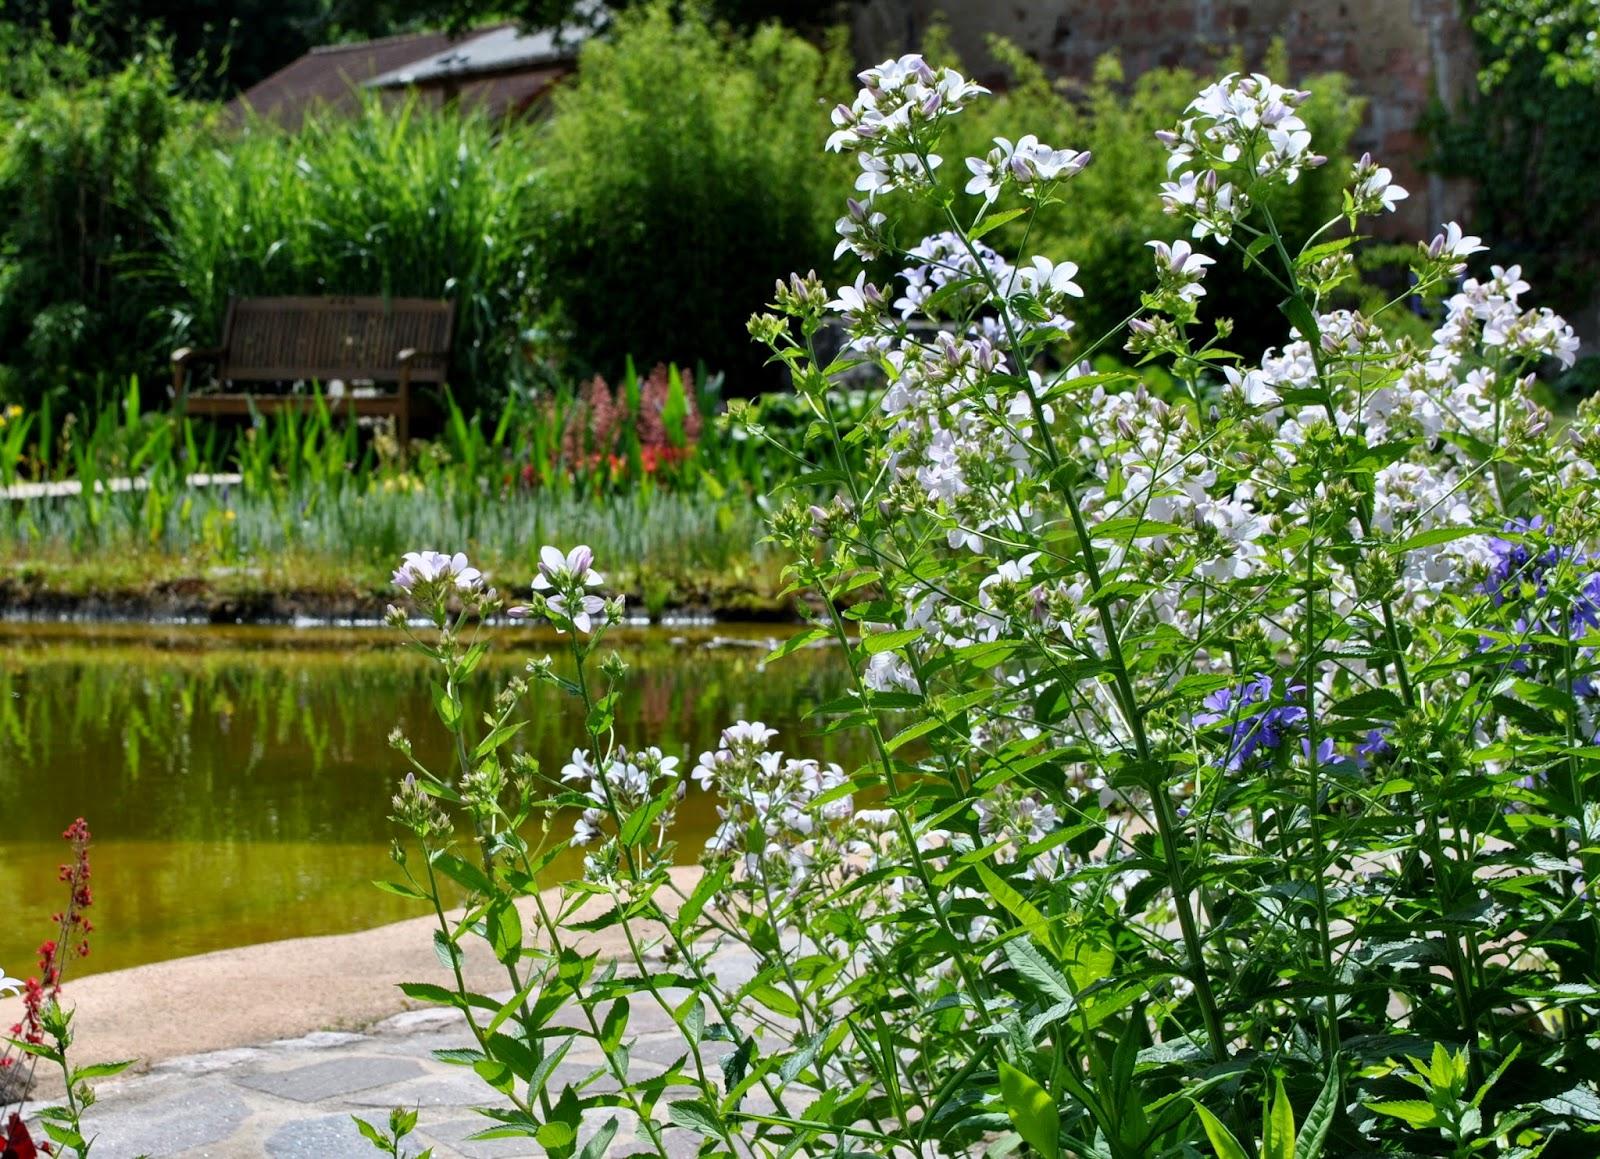 Scwimmteichgarten